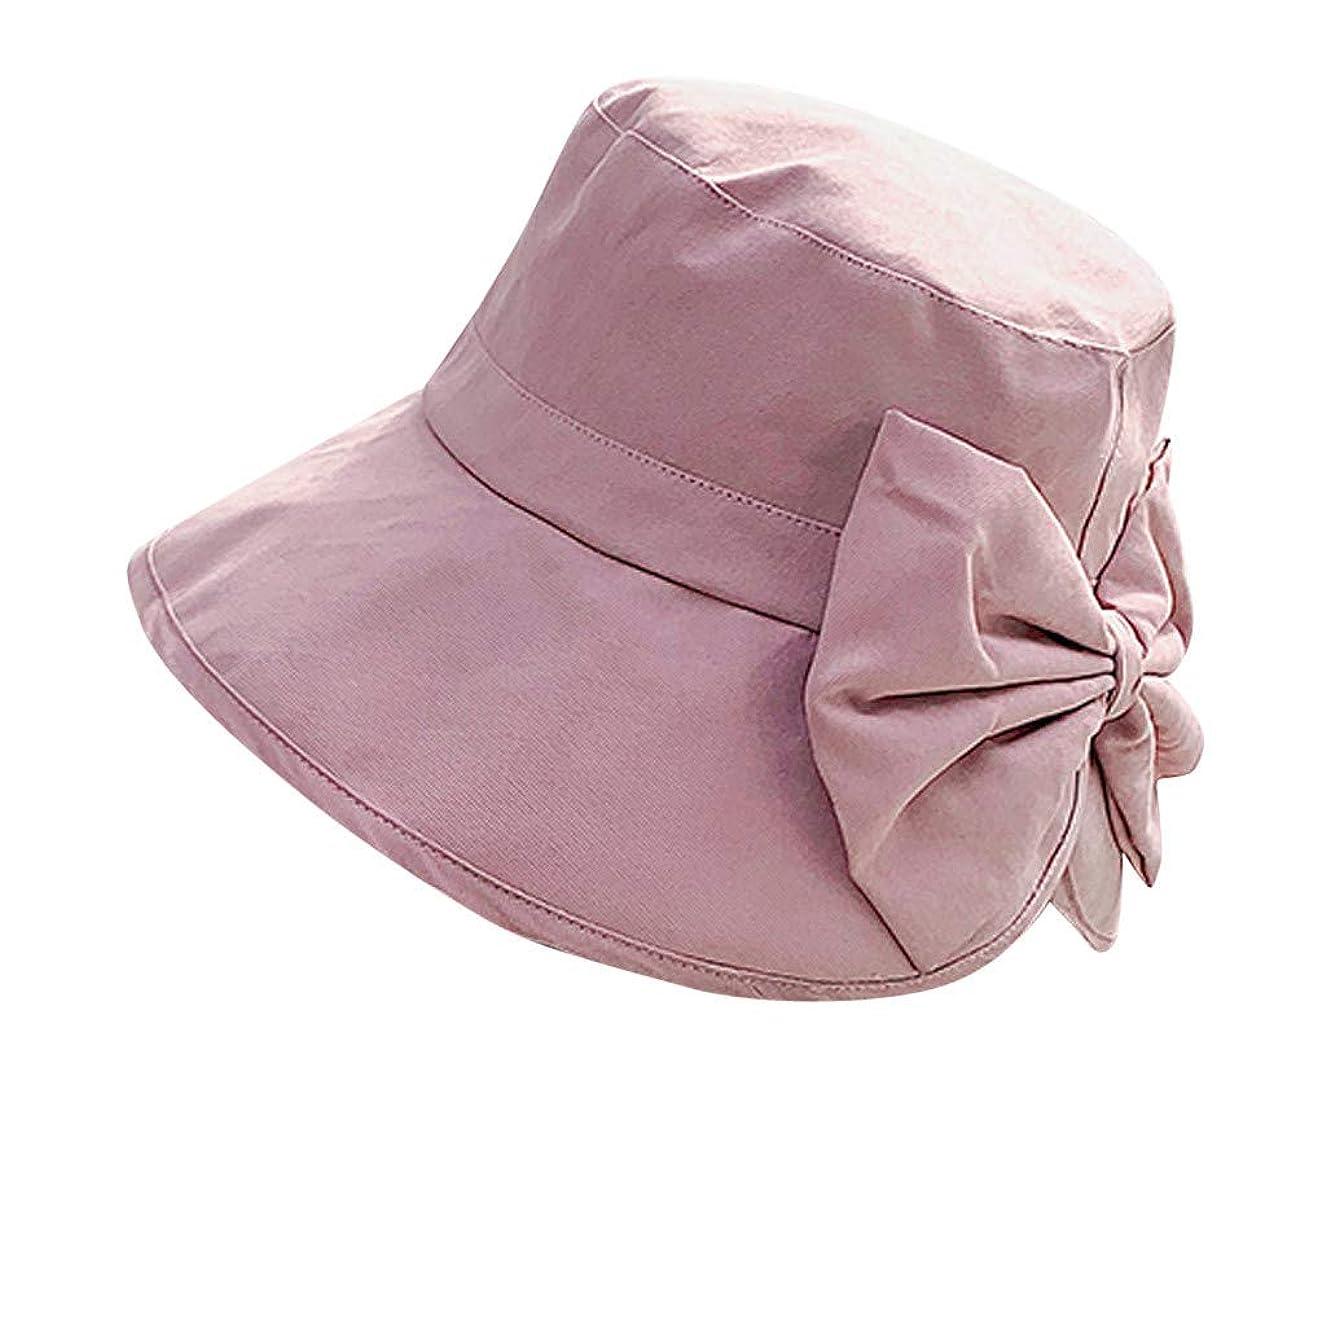 入浴重要な野心女性 帽子 レディース UVカット ハット女の子 つば広い 漁師帽 女優帽 小顔効果 紫外線 対策 レディース 蝶結び UV 加工 リボン ハット ビーチ 日よけ テント ビーチサンダル ベレー帽 ROSE ROMAN